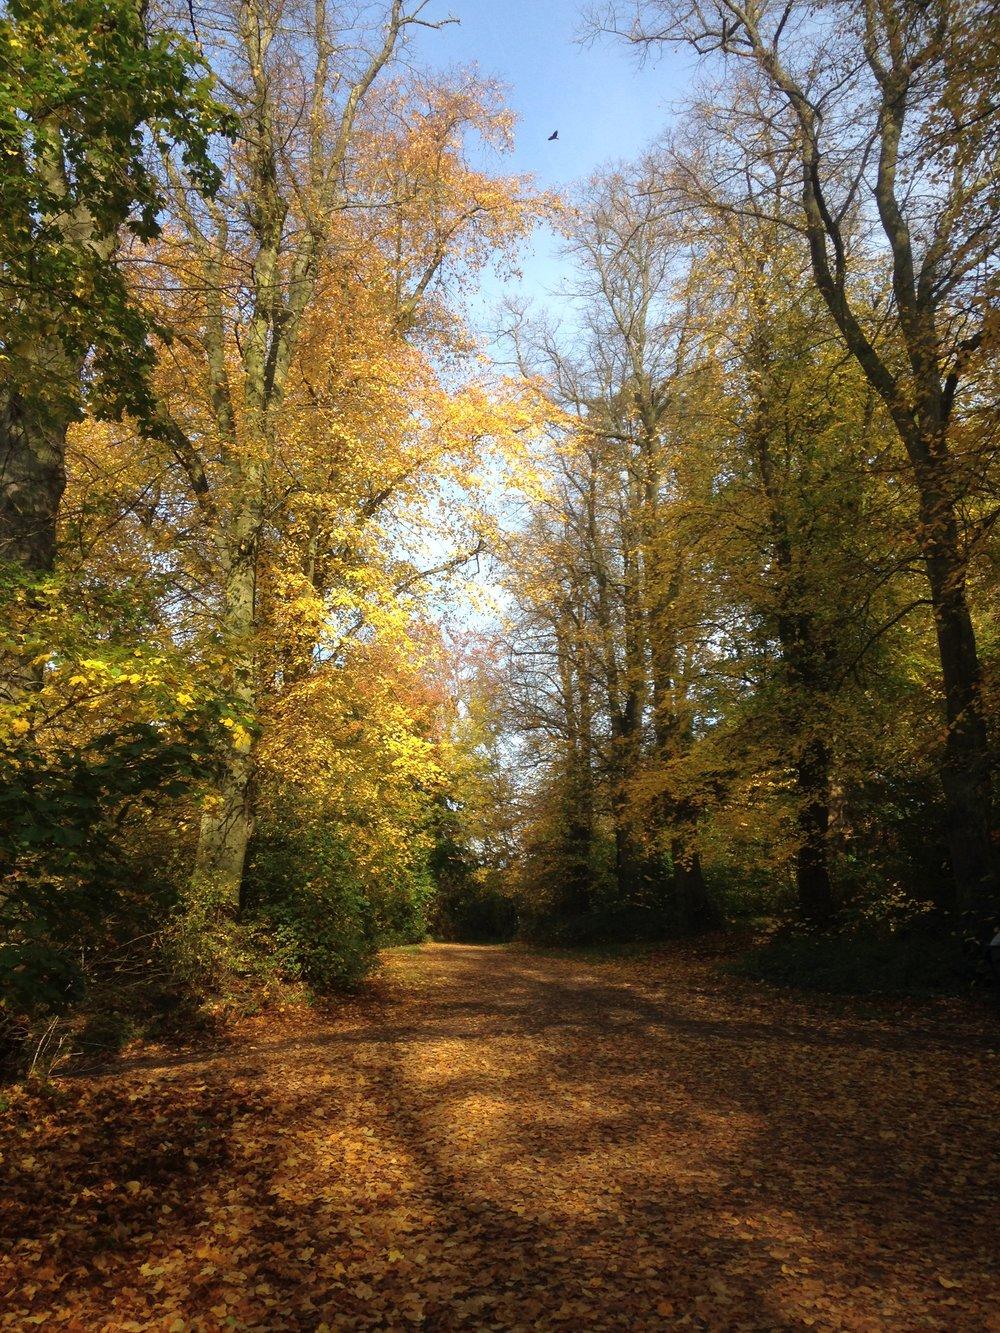 Φθινόπωρο στο Heath, η αγαπημένη μου εποχή